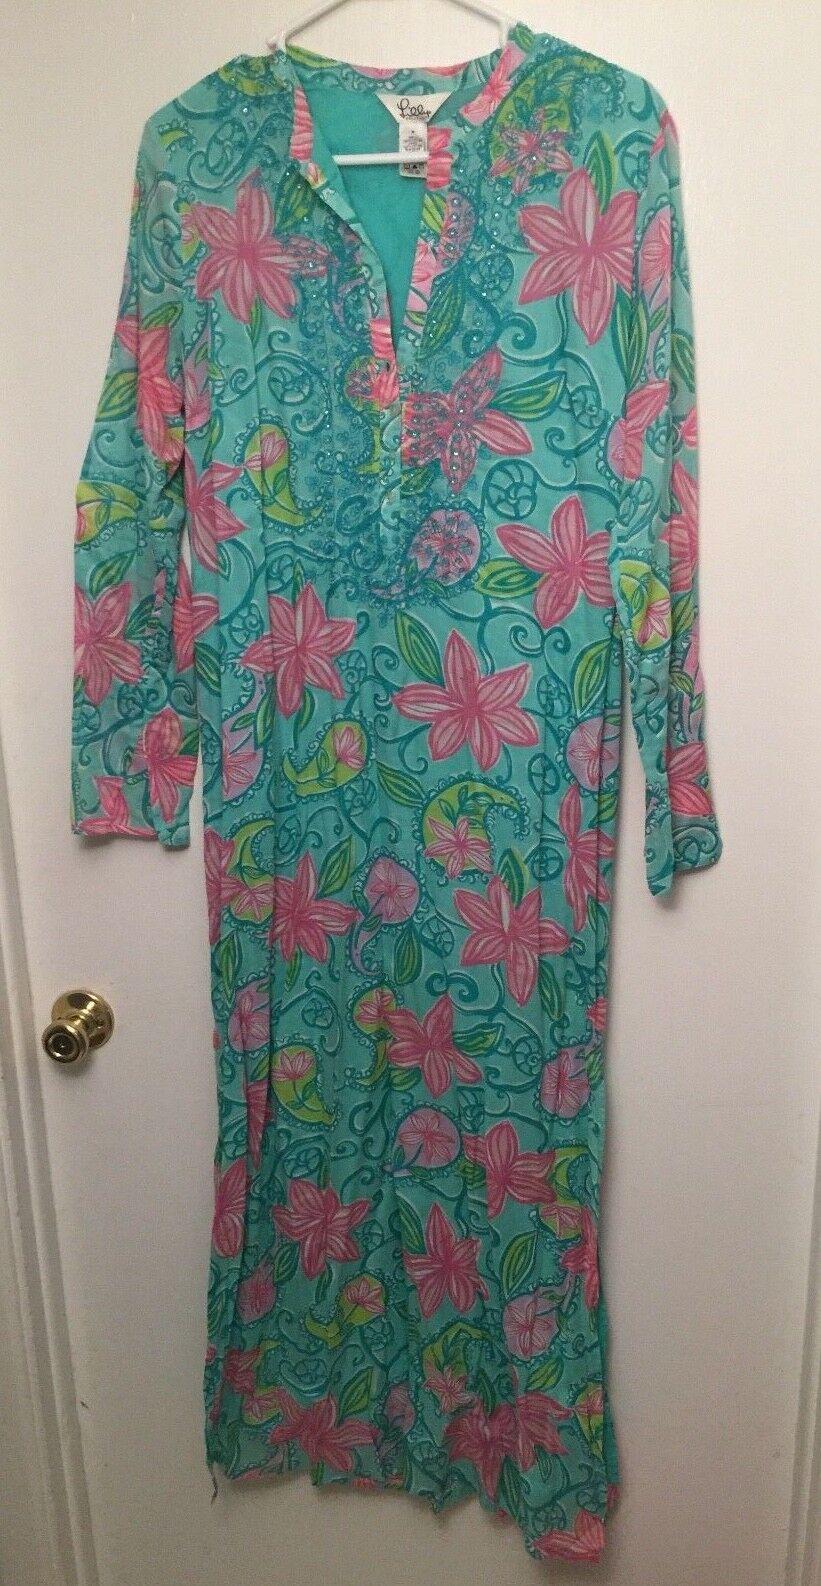 Lilly Pulitzer Long Tunic Dress- Size M